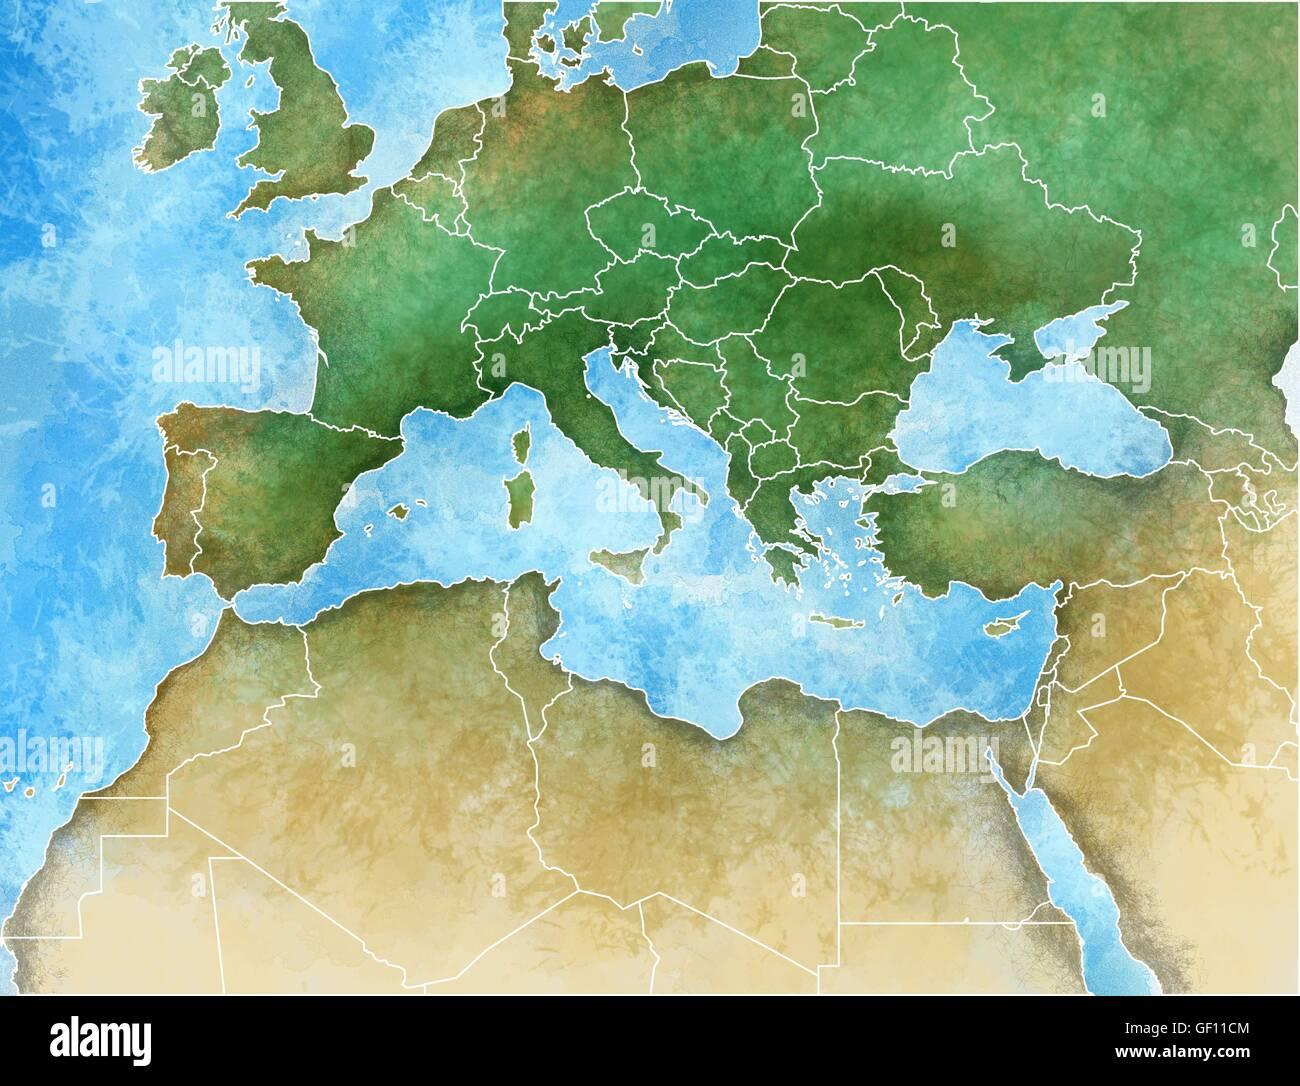 Mediterraneo Cartina Geografica.Disegnate A Mano Mappa Del Mediterraneo Europa Africa E Medio Oriente Foto Stock Alamy